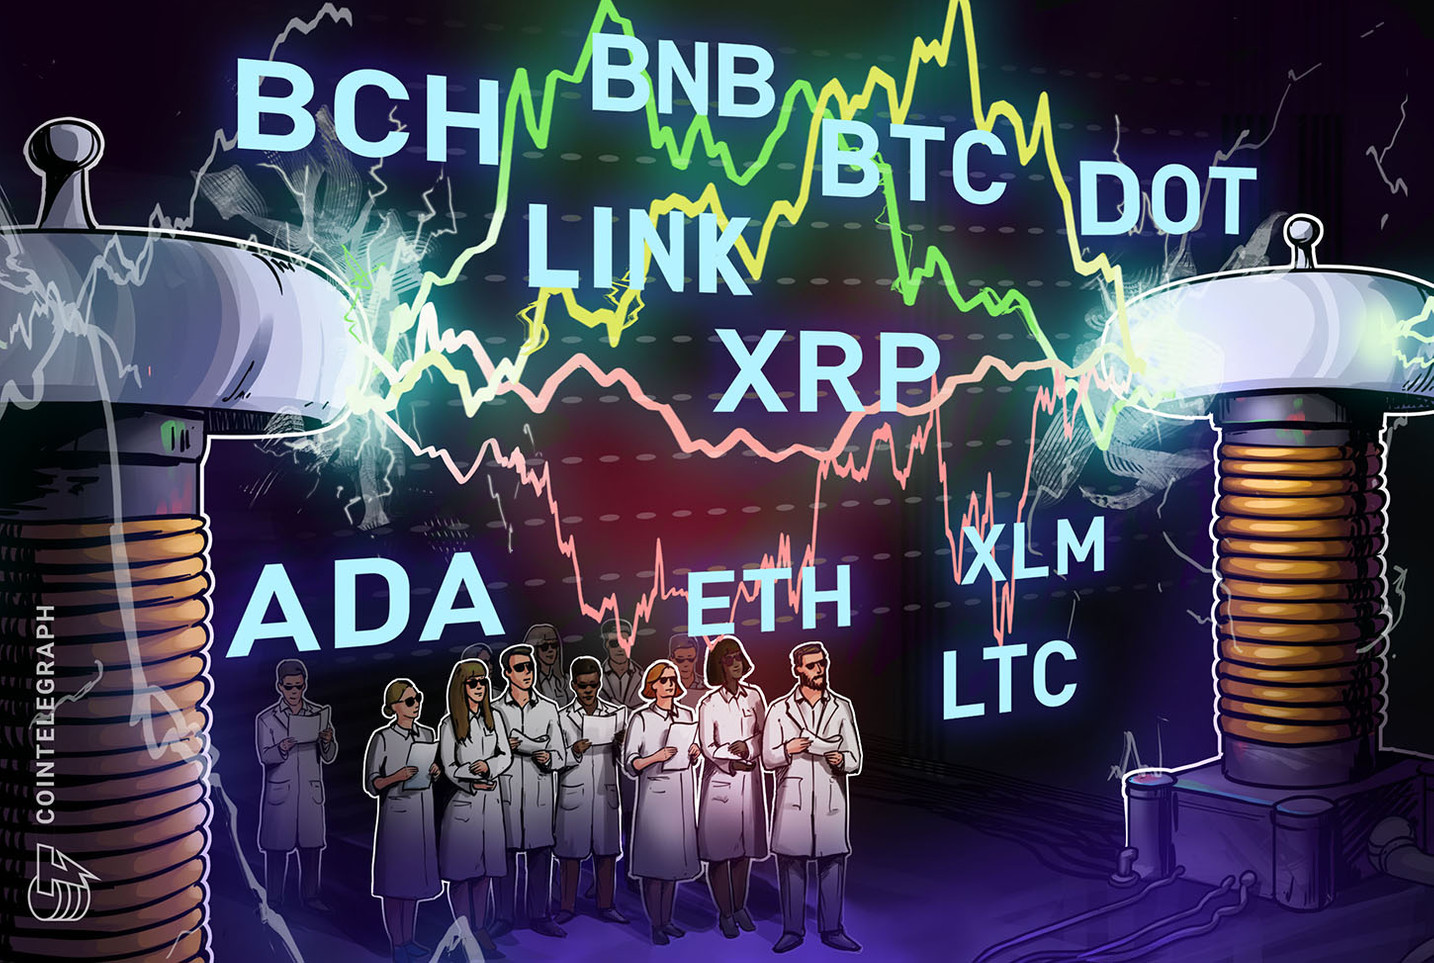 Análisis de precios del 2 de diciembre: BTC, ETH, XRP, LTC, BCH, LINK, DOT, ADA, BNB, XLM